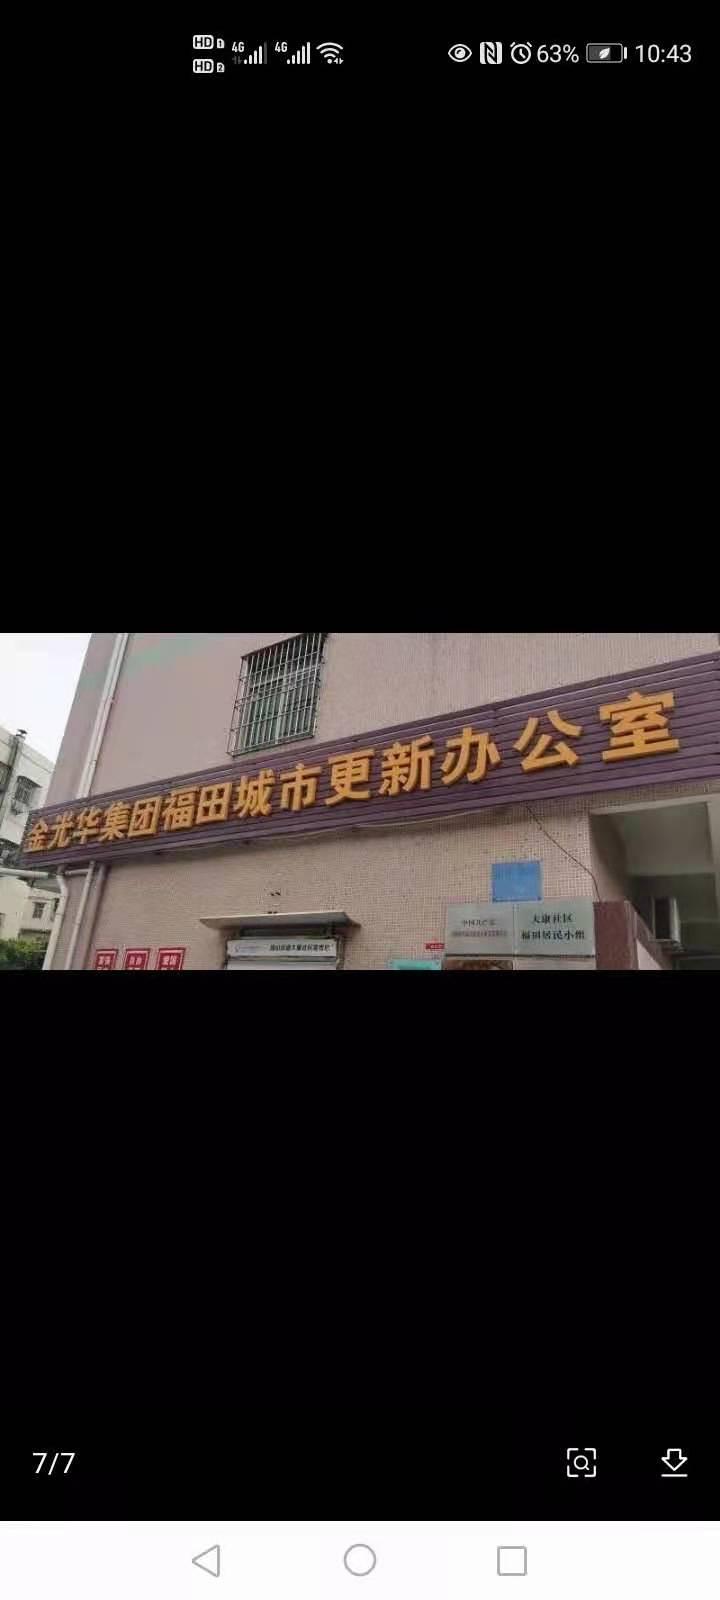 深圳龙岗横岗小产权房盛大开盘了